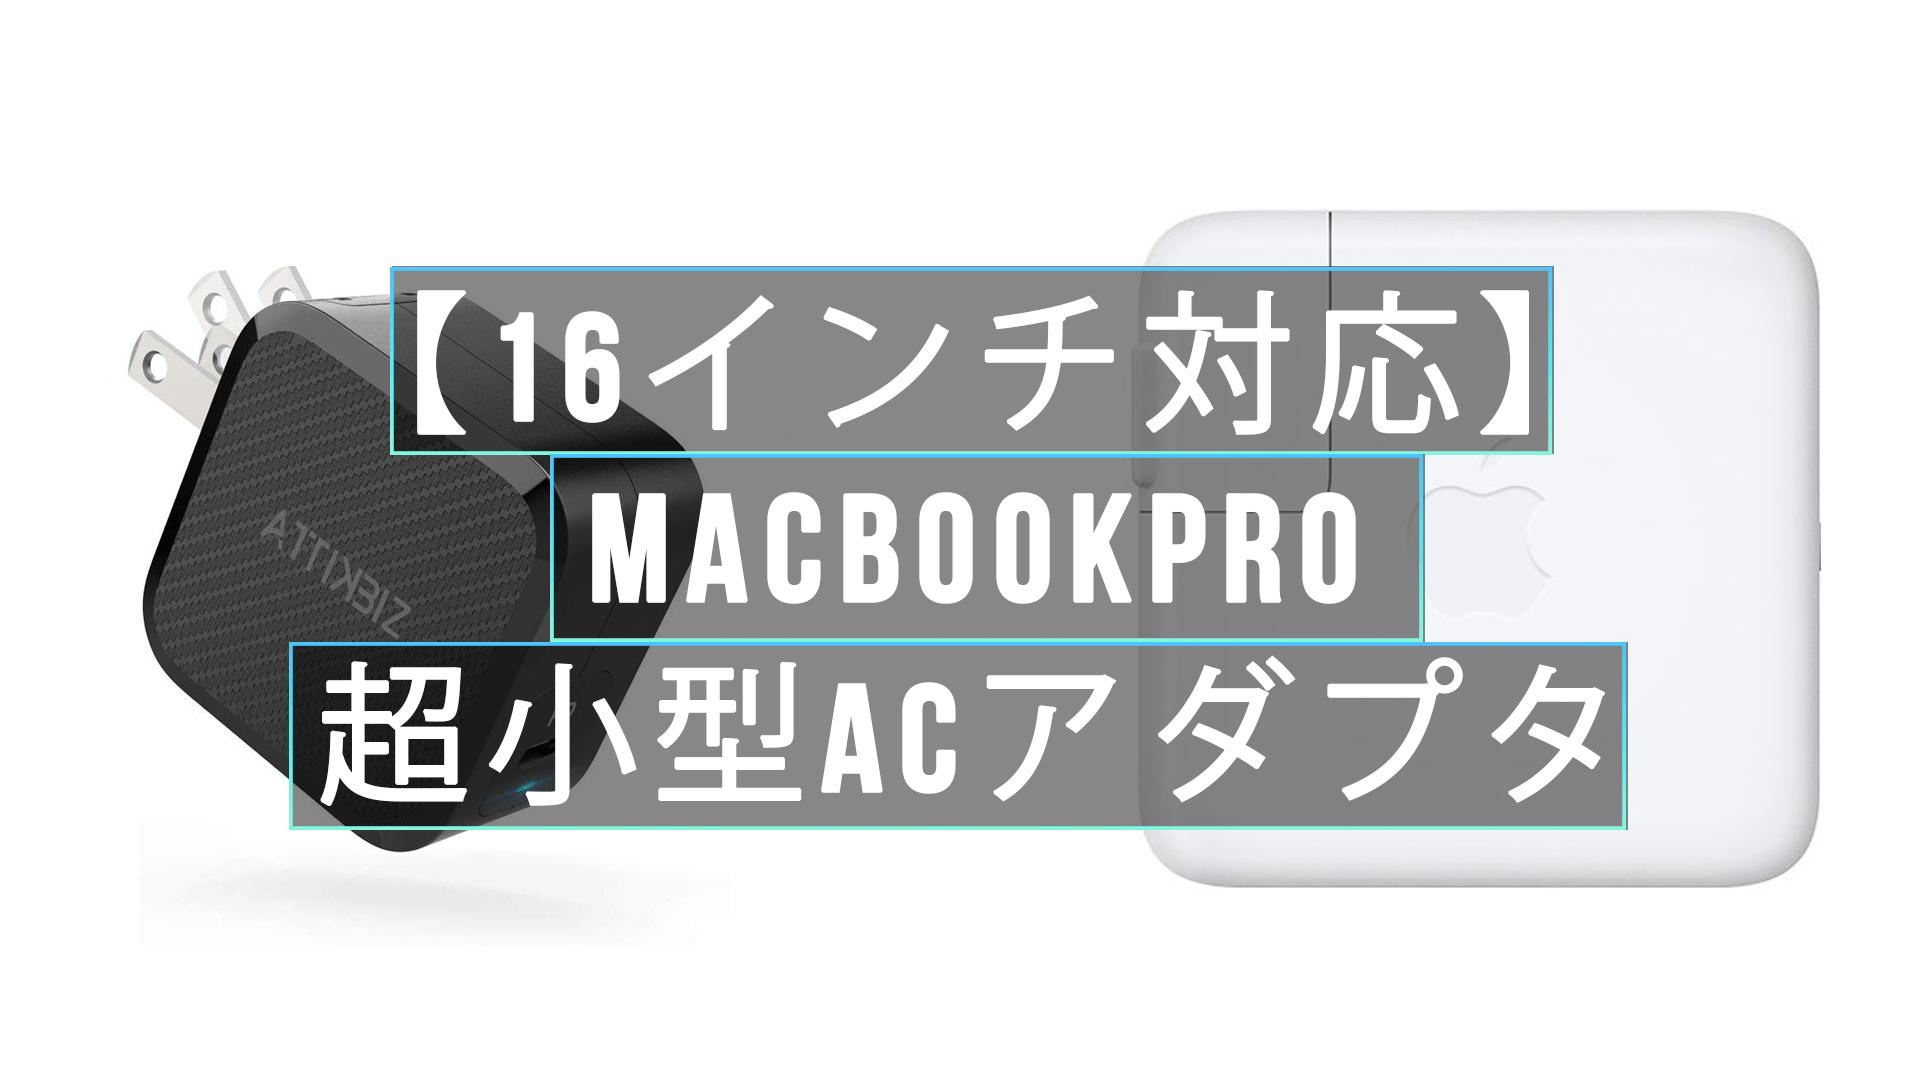 ac - 絶対購入すべき!【16インチ対応】MacBookPro超小型ACアダプタ